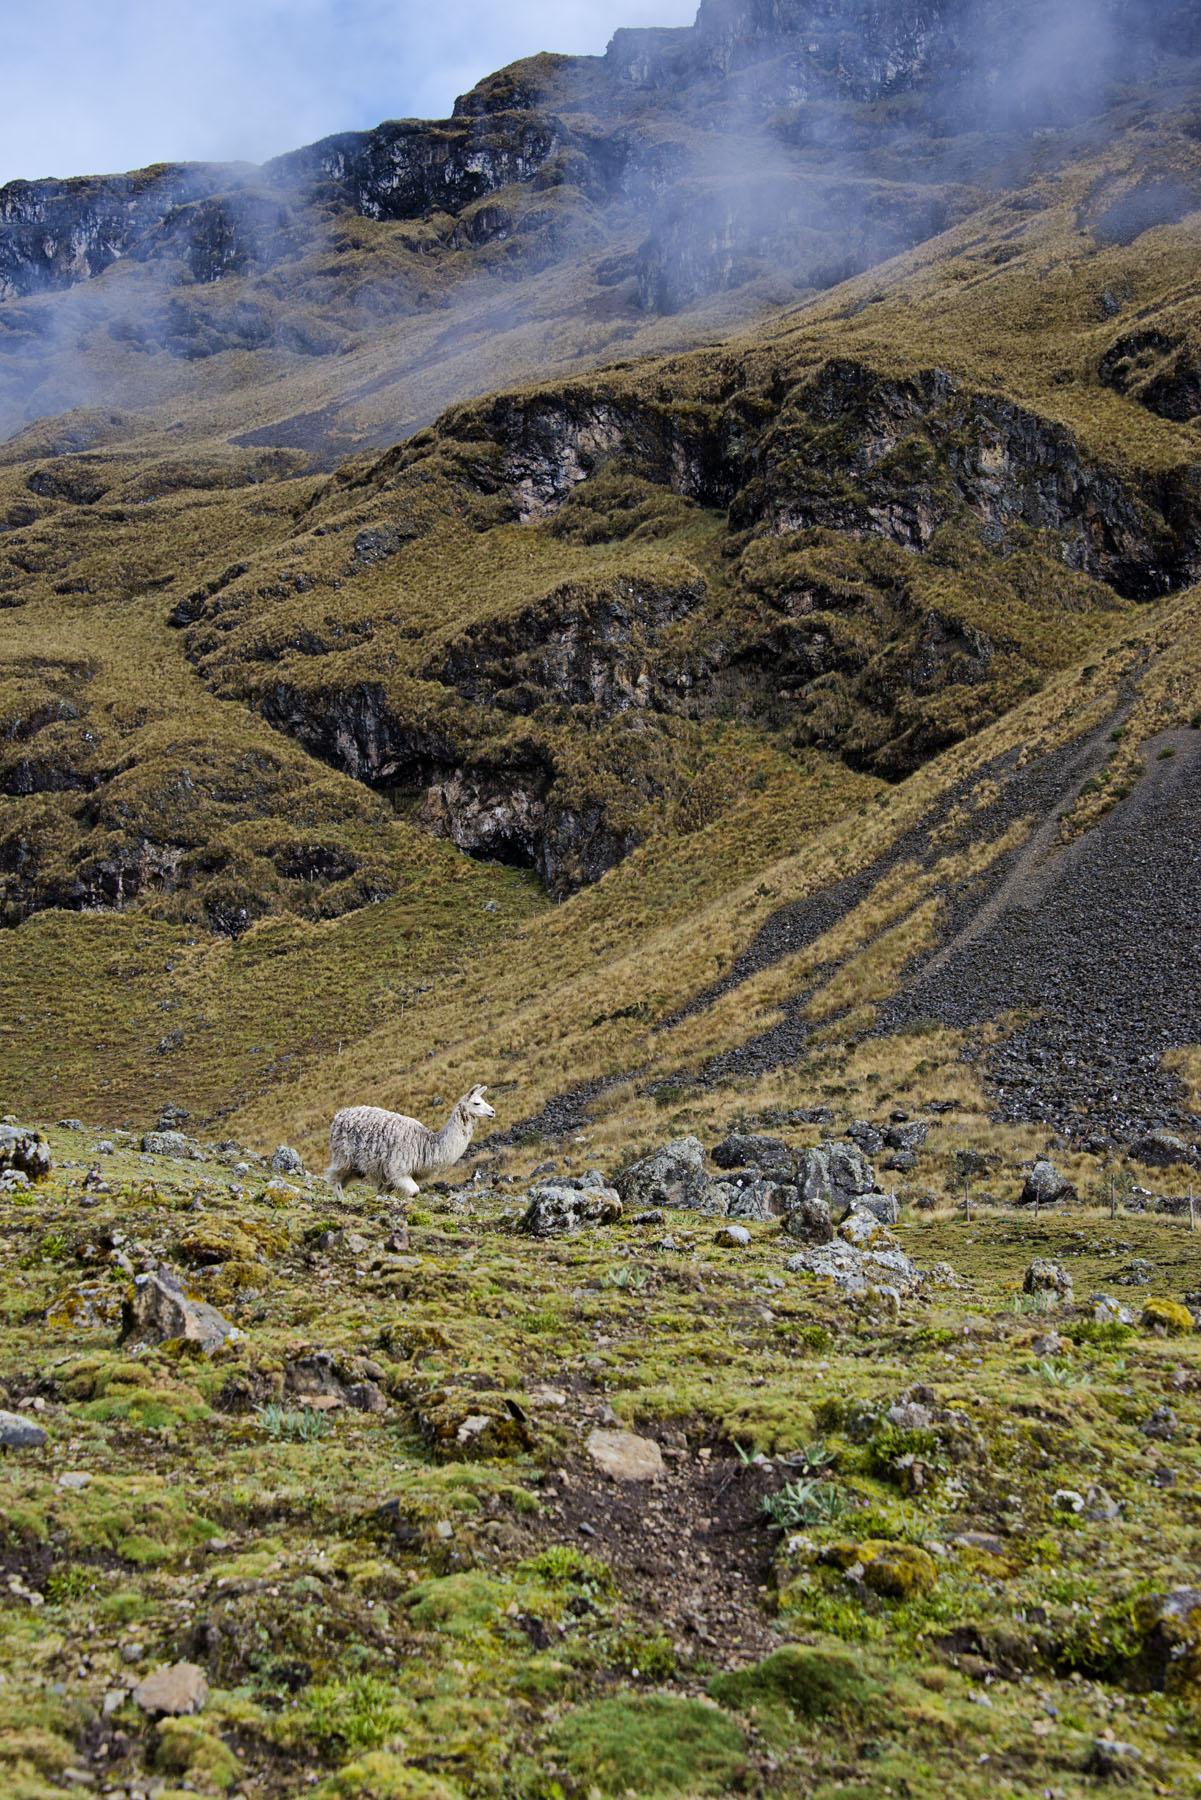 190-Peru-5-15_web_web.jpg